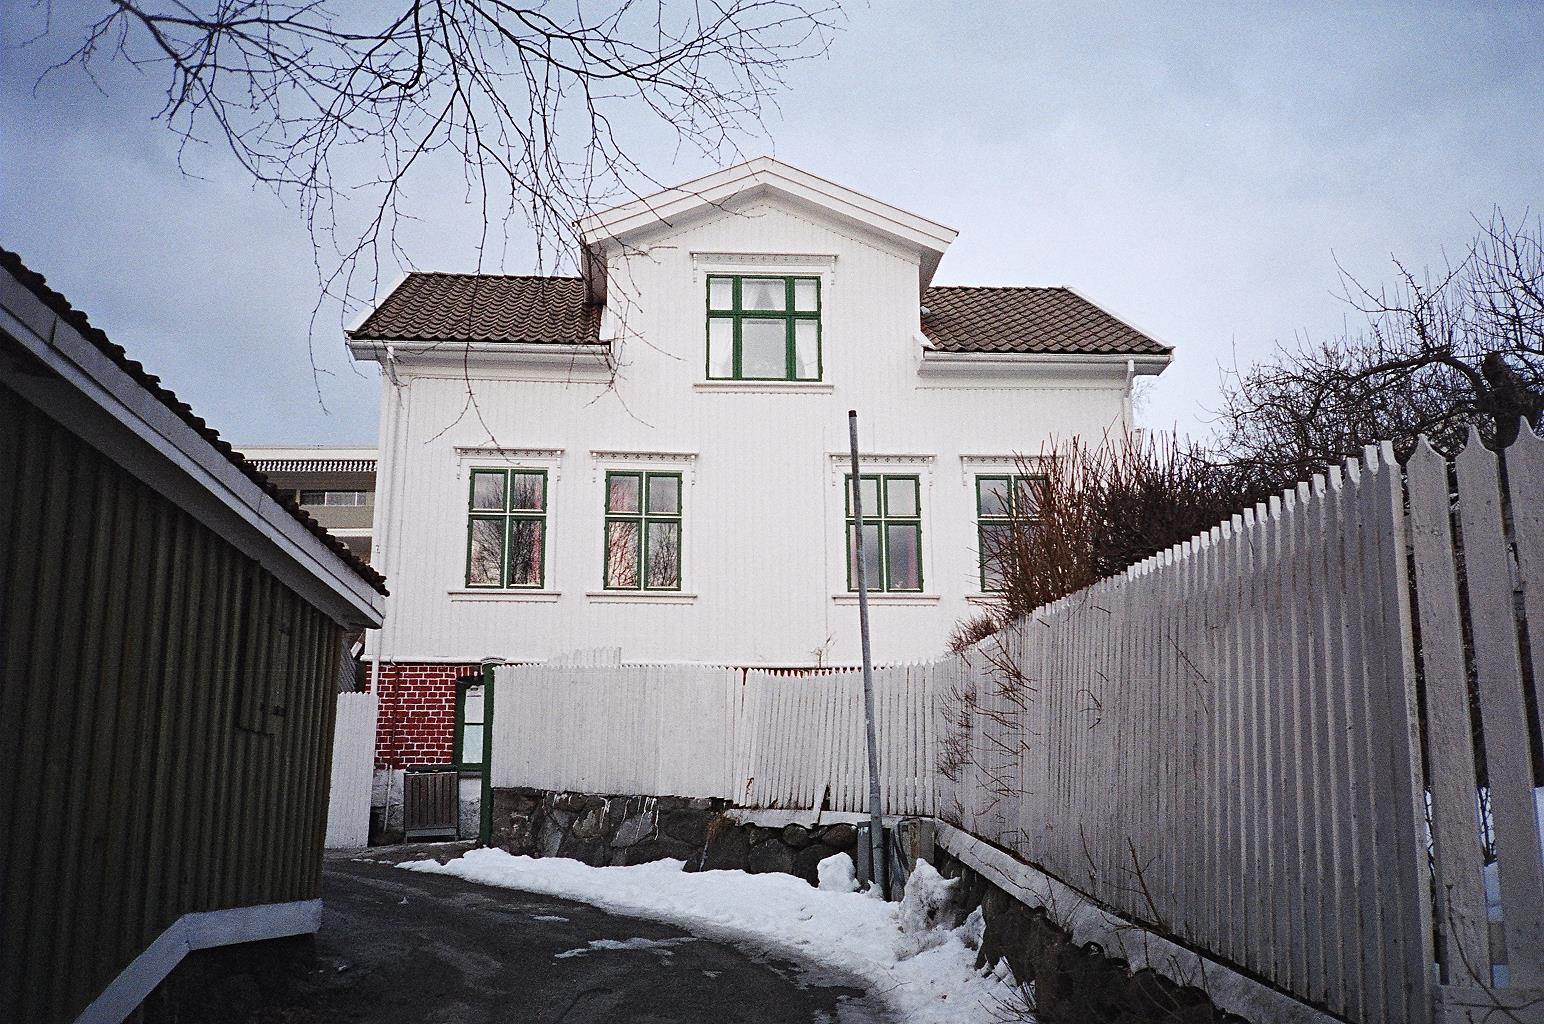 Dom przy ulicy Øvre Steinstredet 7 w Larvik